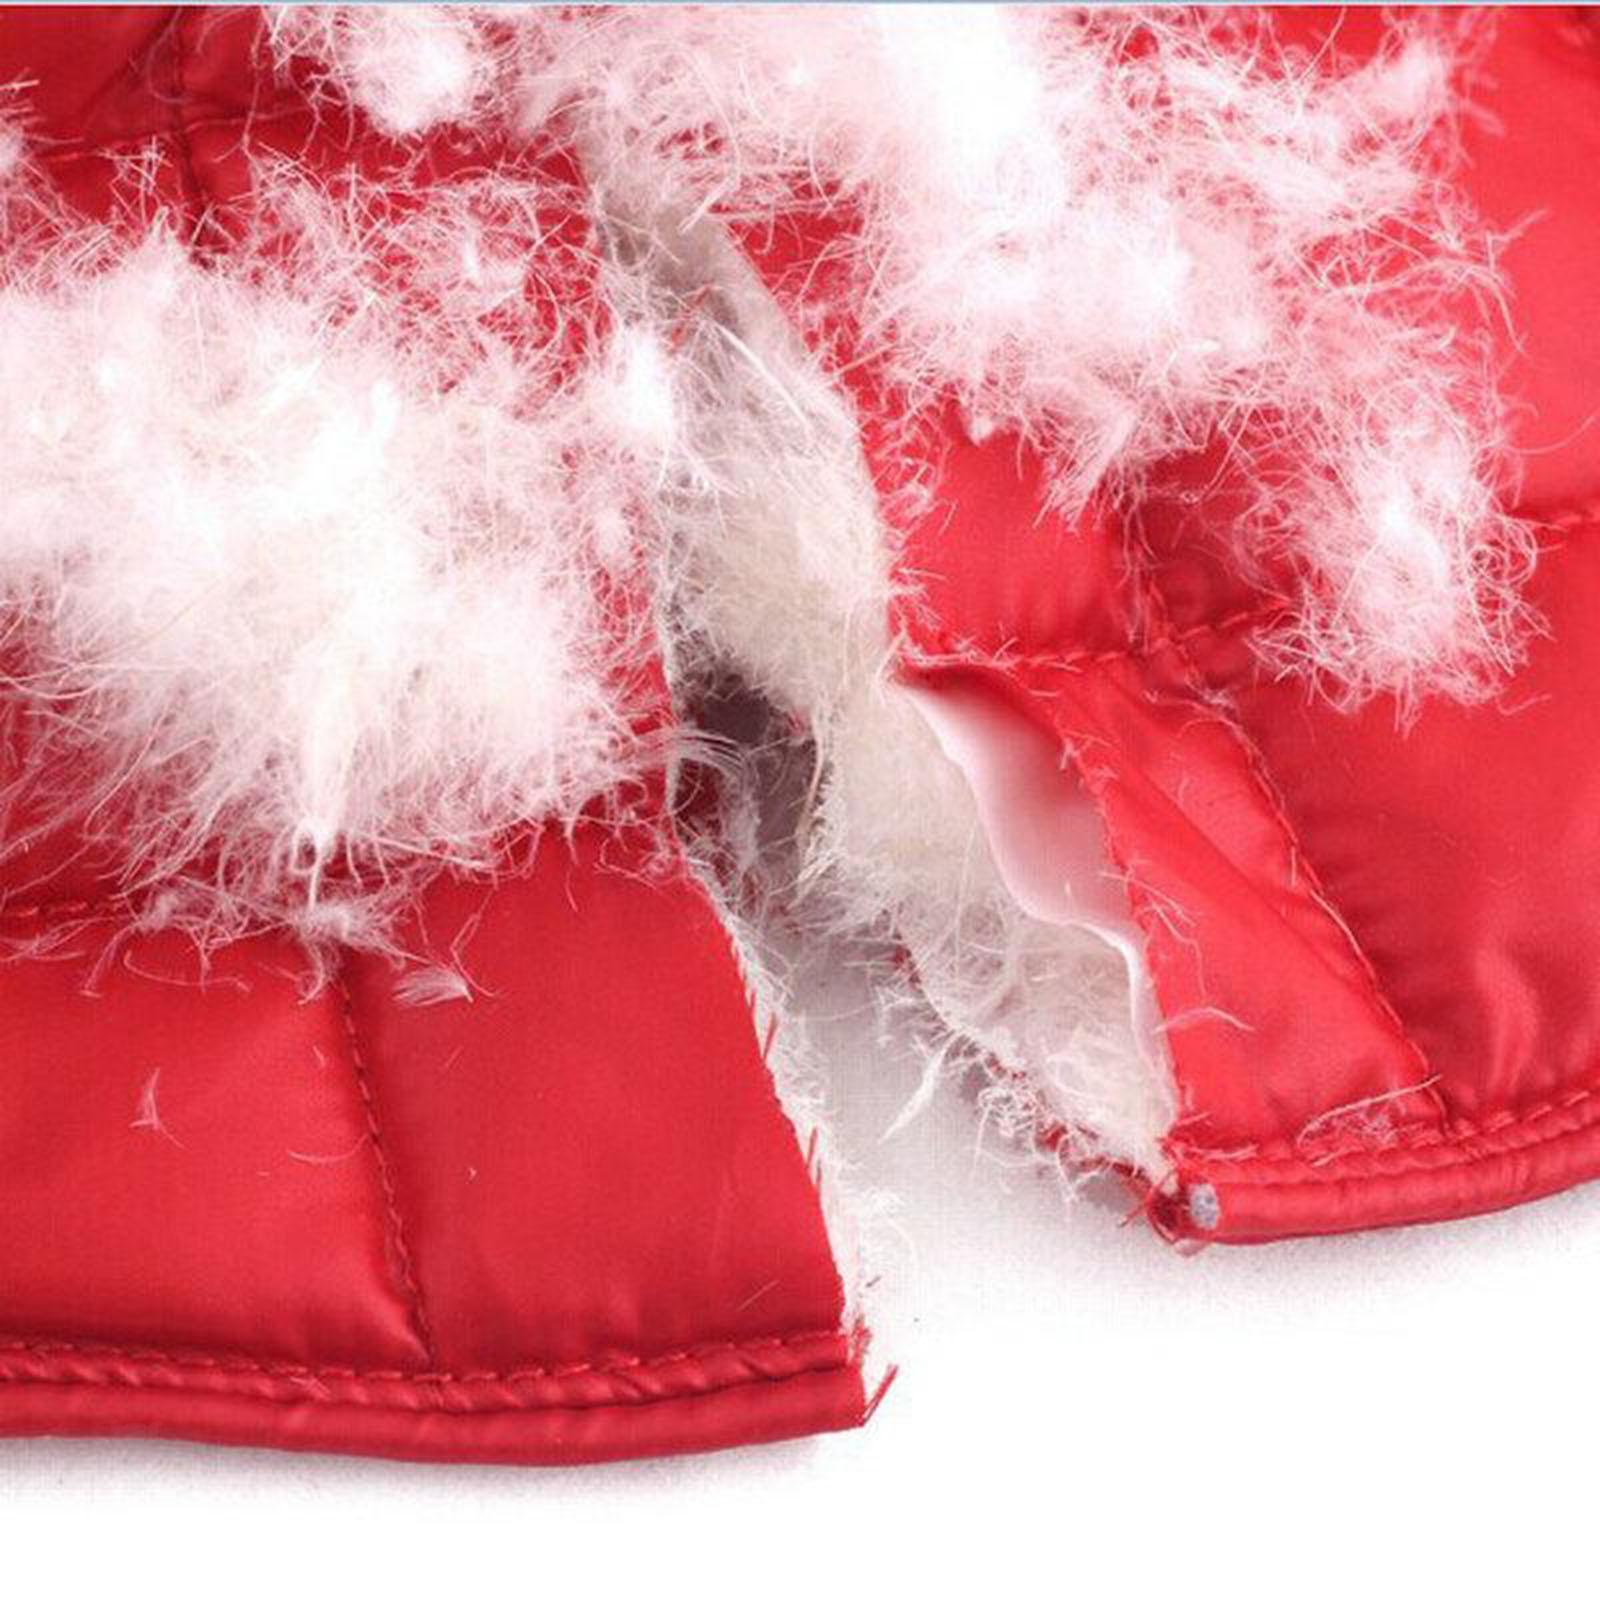 Femmes-Hommes-Down-Jacket-Chaud-Manteau-Court-Epaule-Chaud-Thermique-Wrap miniatura 52